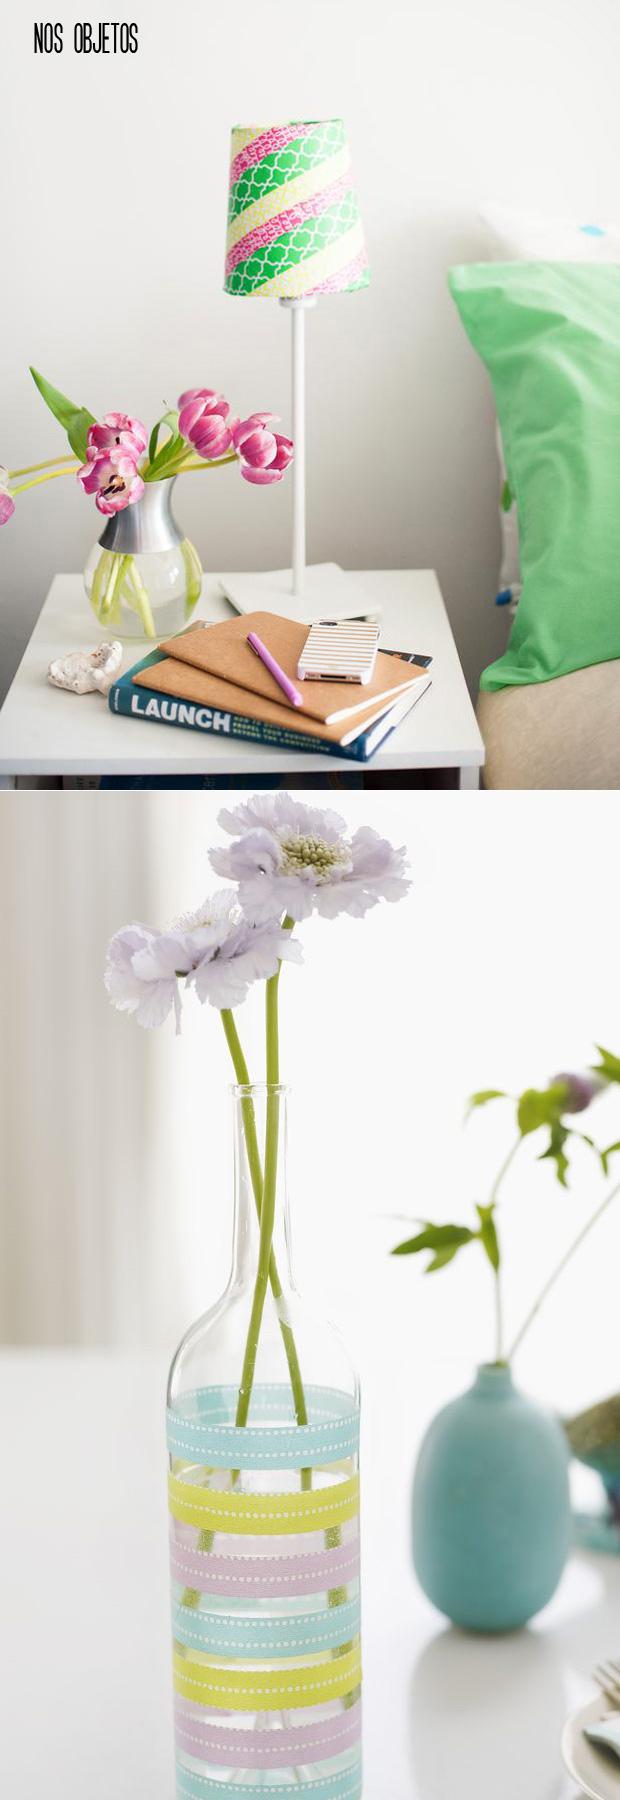 Ideia Decorar Ideias de decoração com washi tapes ideias de decoracao com washi tapes.jpg2